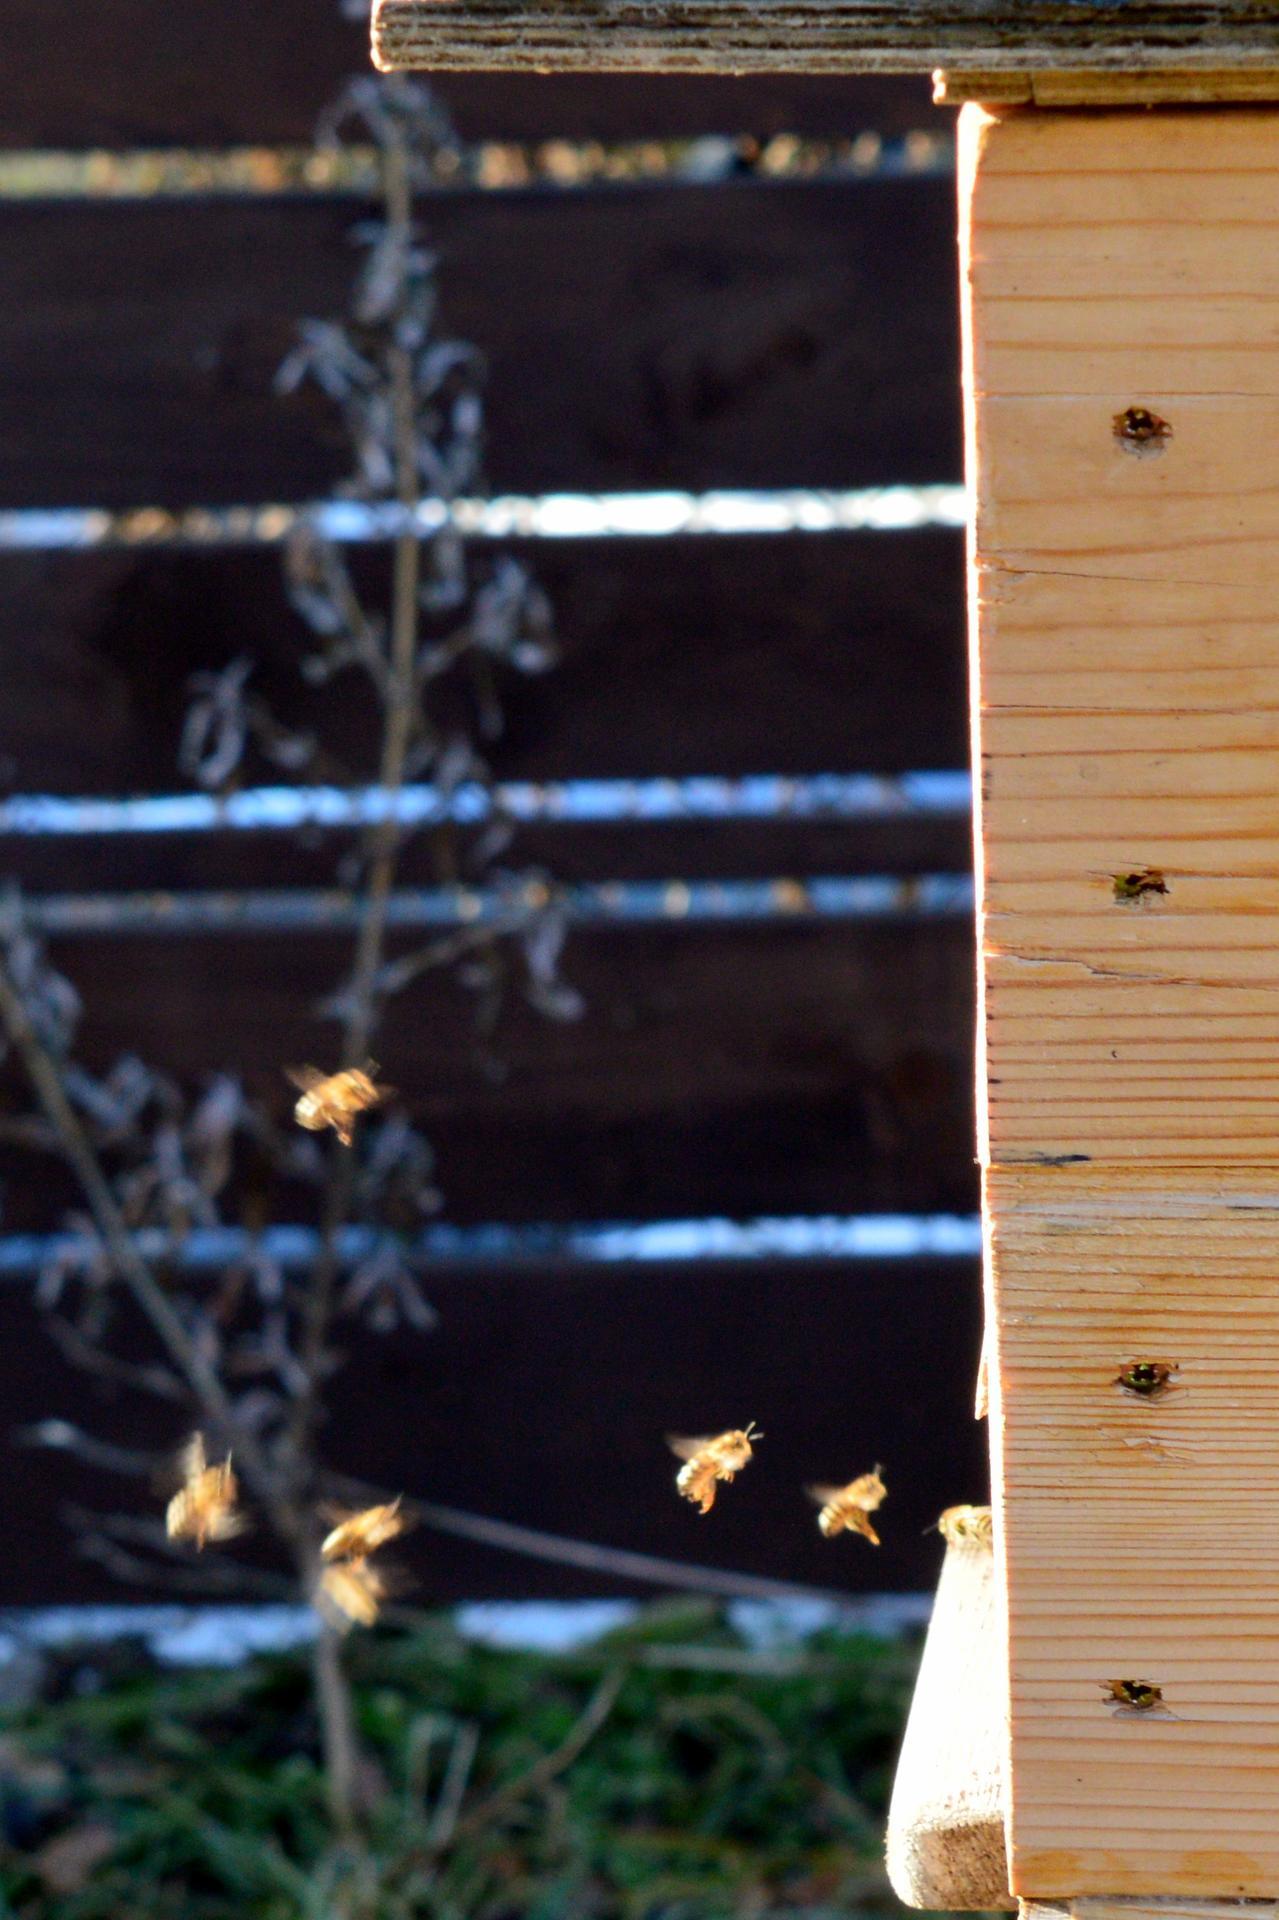 Naša prírodná perma záhradka v roku 2021 - 2/2021 - koncom februára sa oteplilo natoľko, že včielky sa rozlietali von a my sme v krátkych rukávoch stolovali na terase